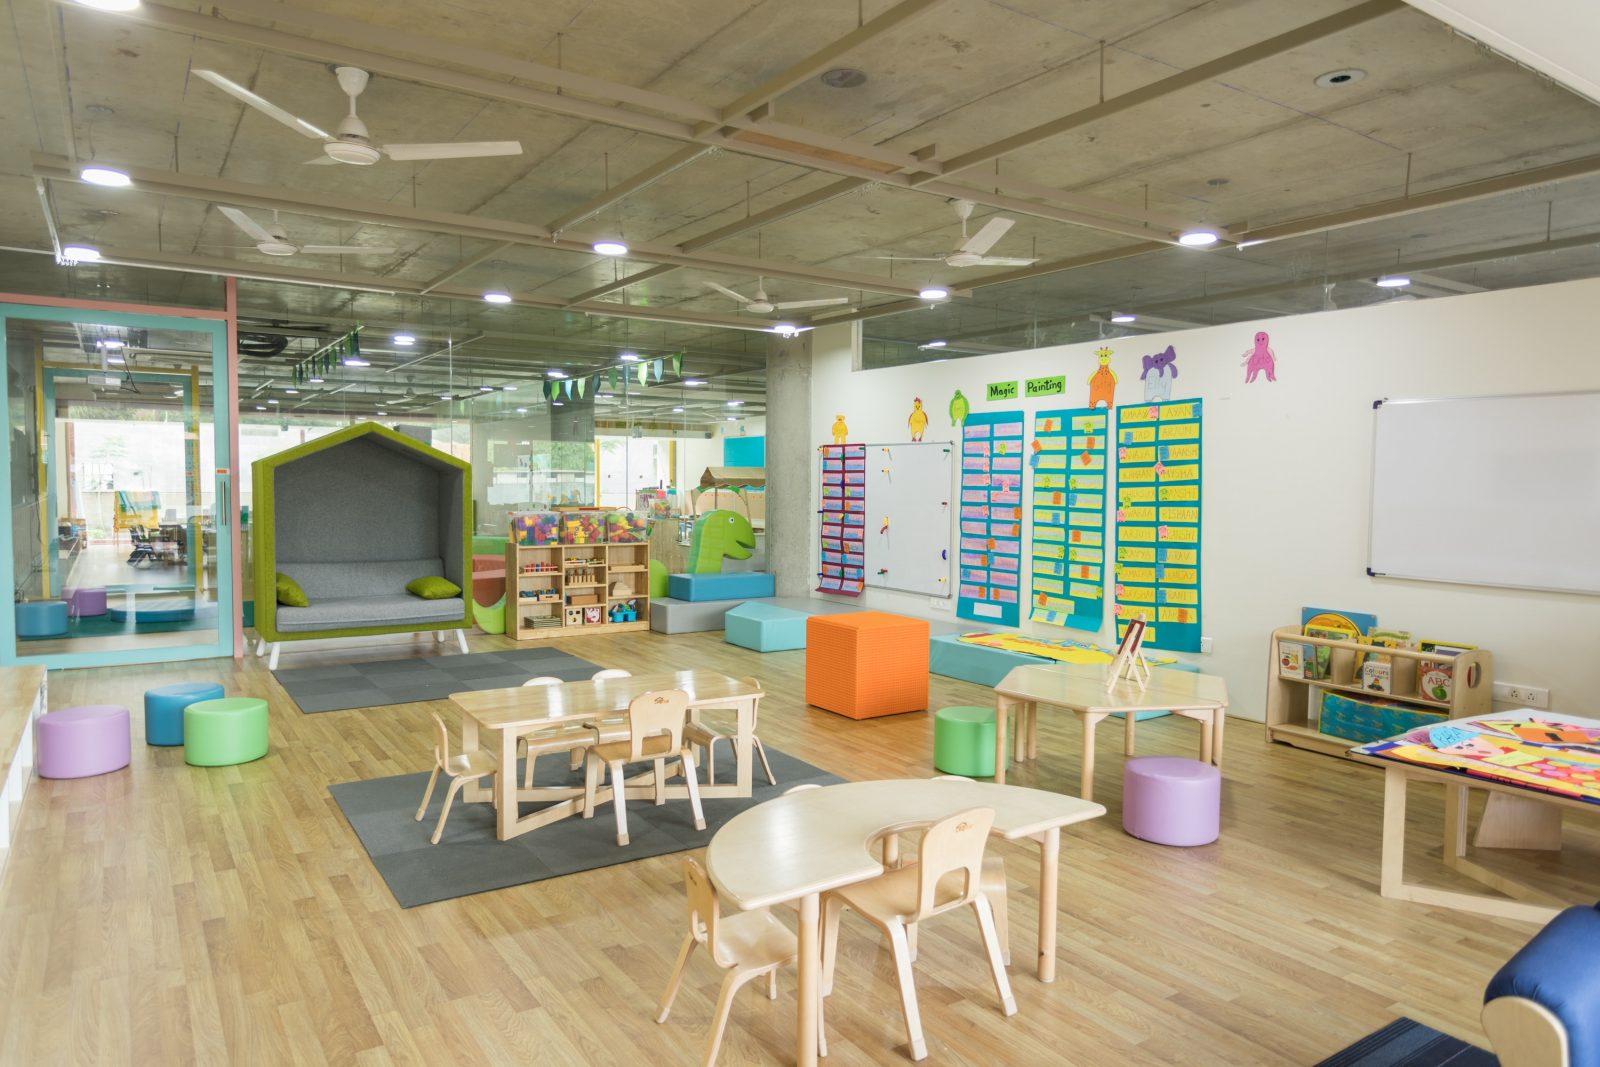 nursery room interior view